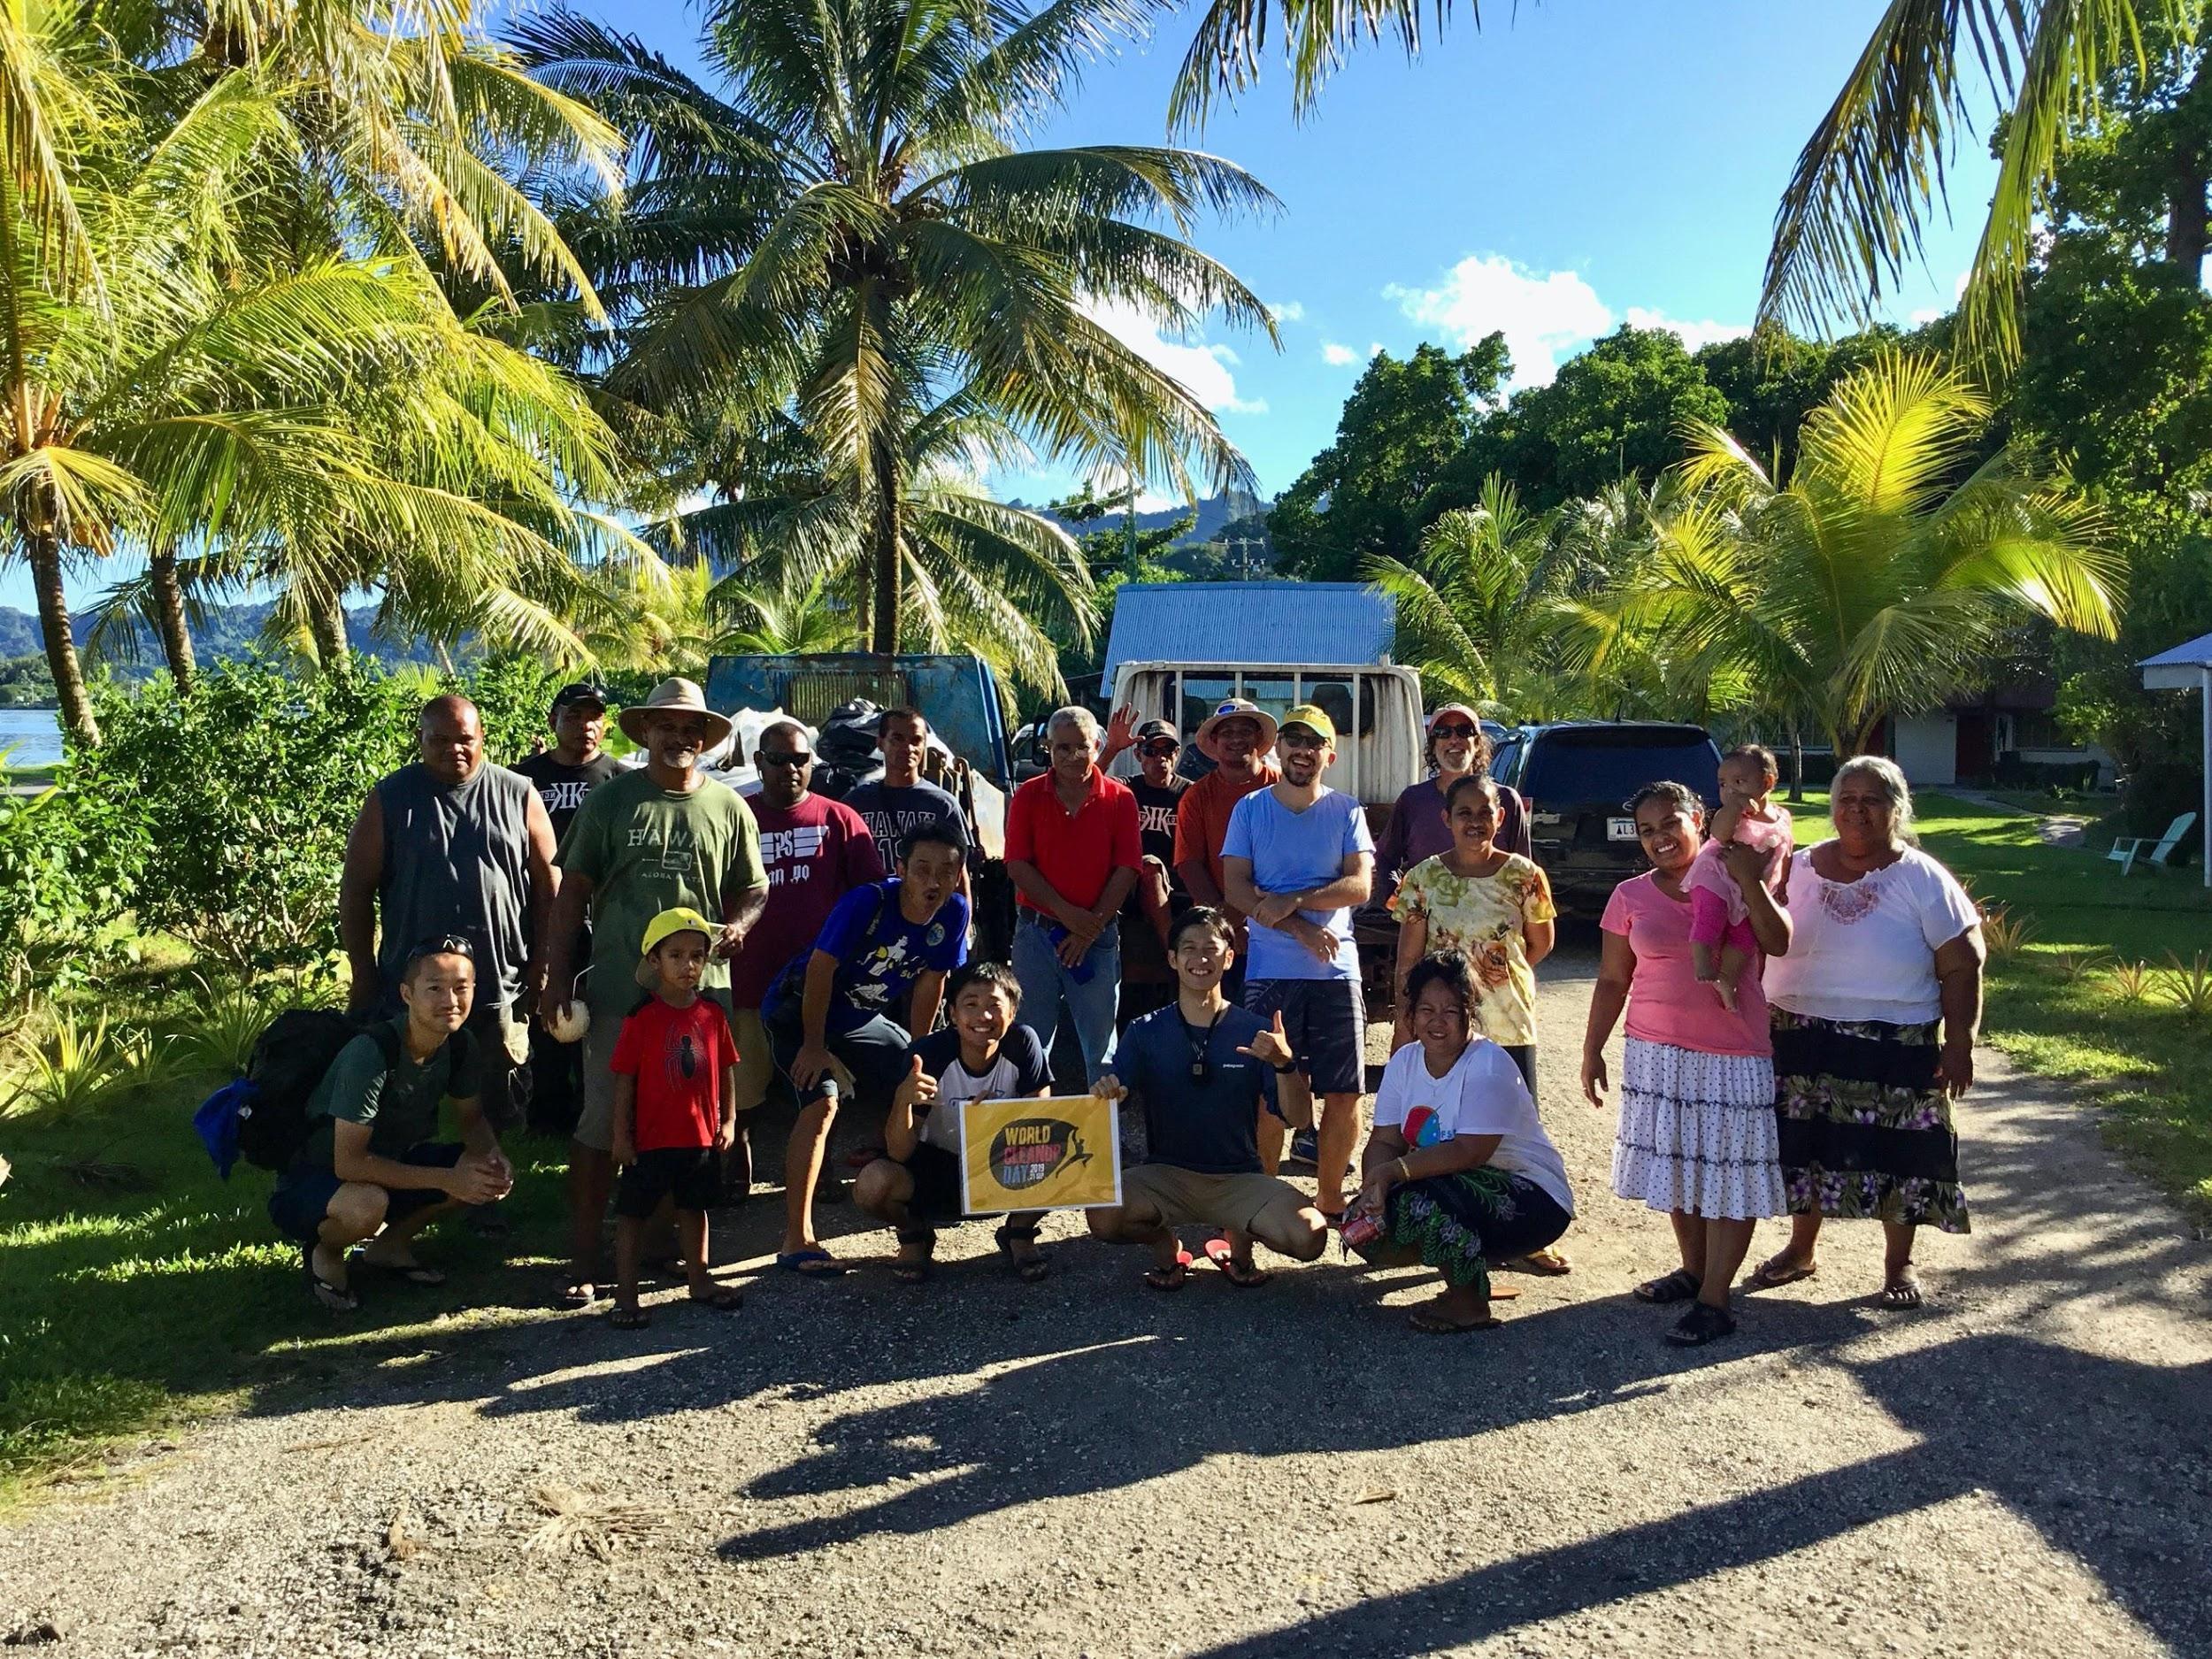 ミクロネシアでの清掃活動の集合写真